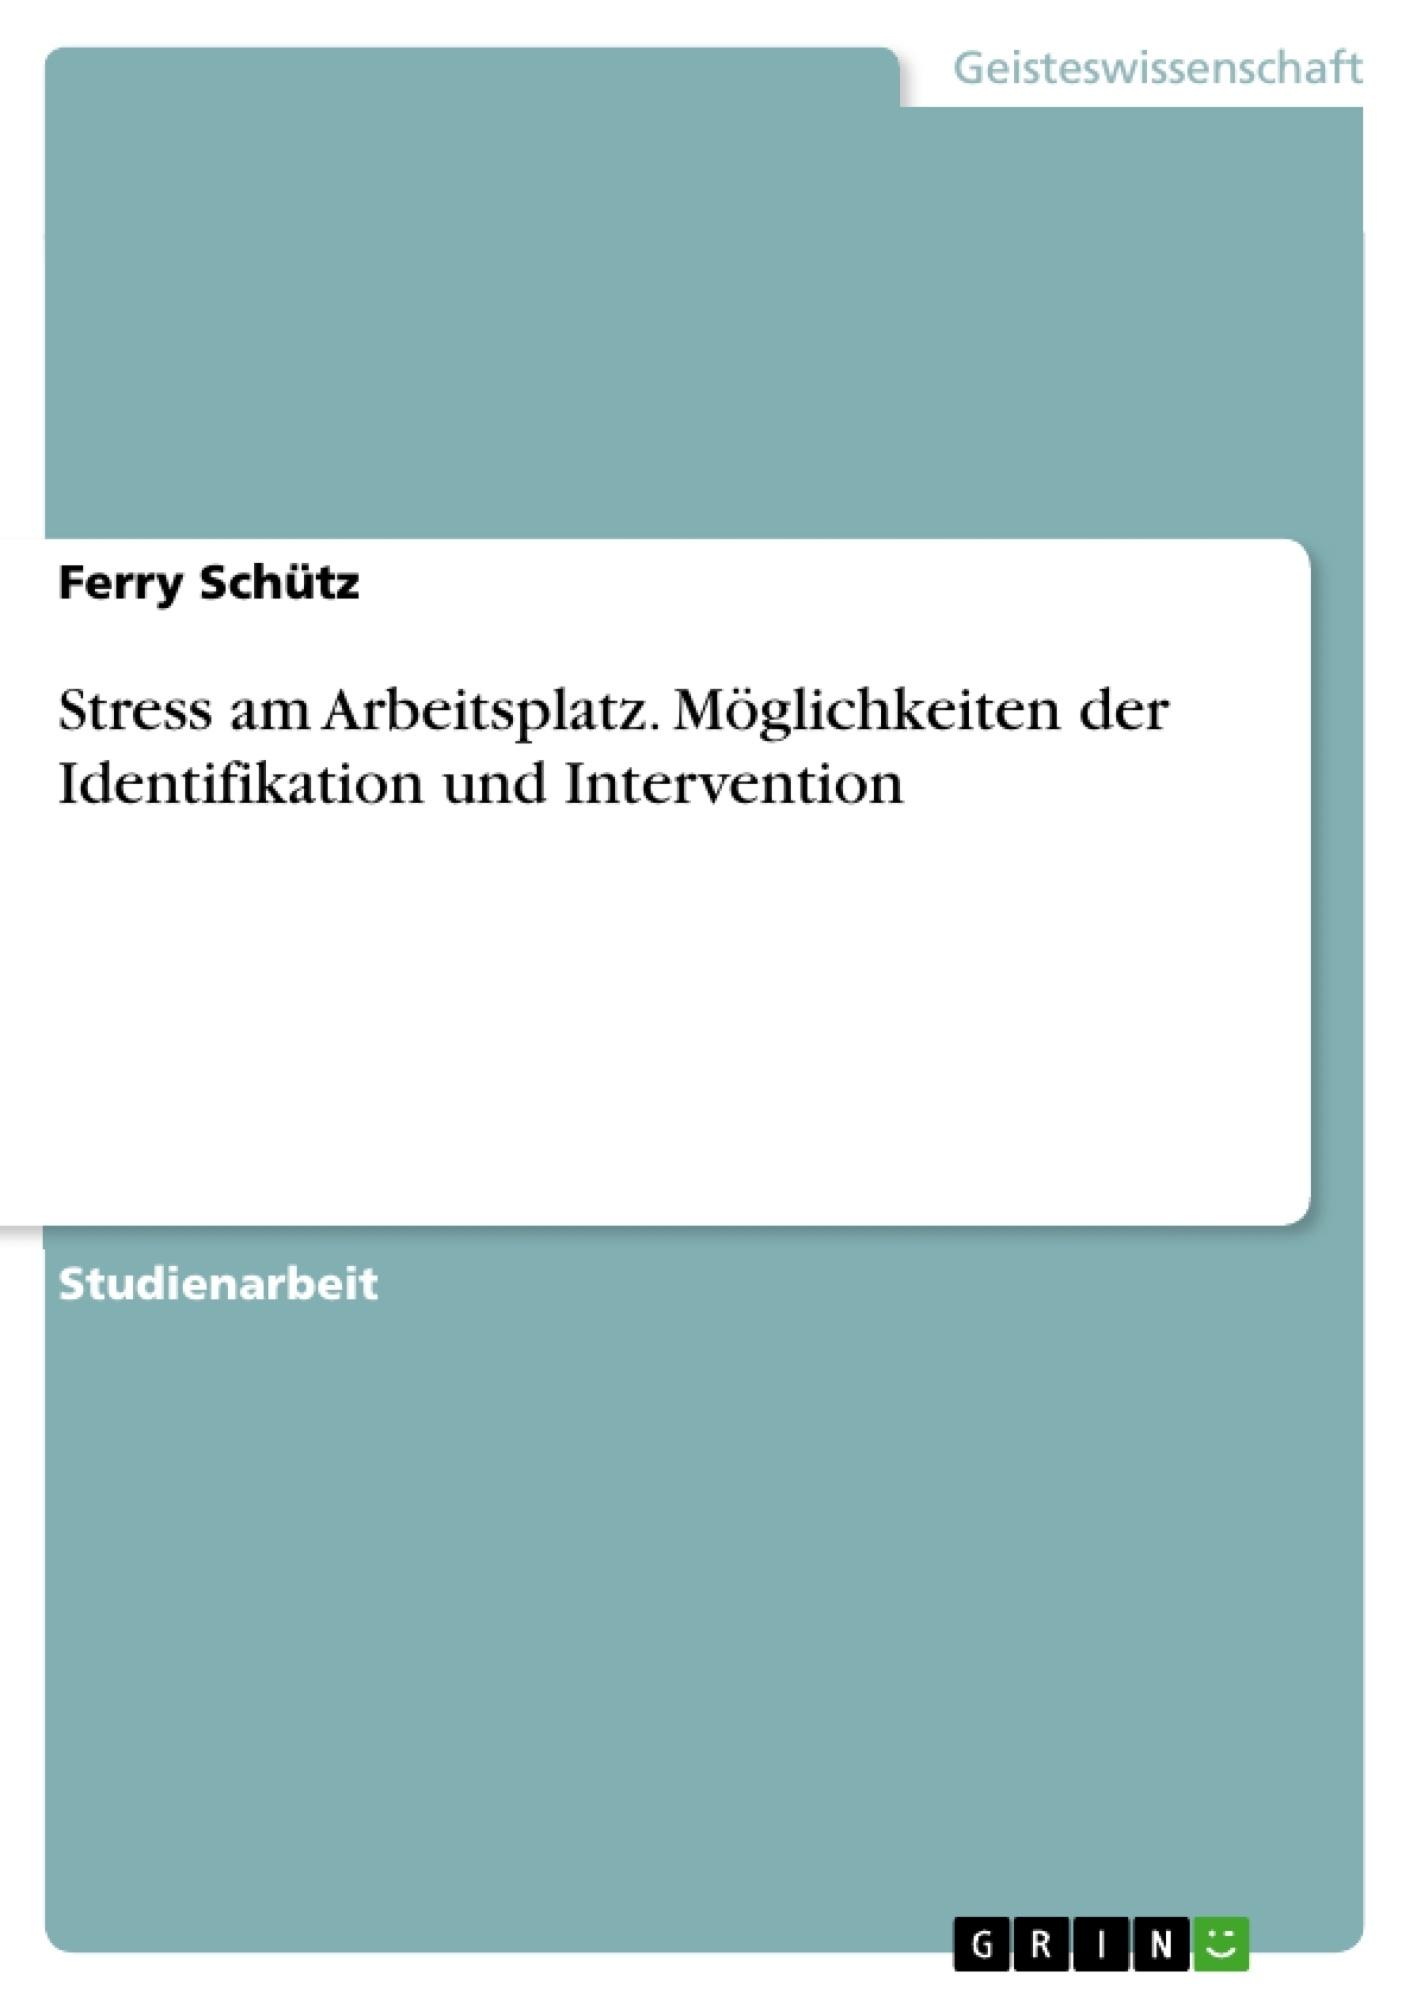 Titel: Stress am Arbeitsplatz. Möglichkeiten der Identifikation und Intervention